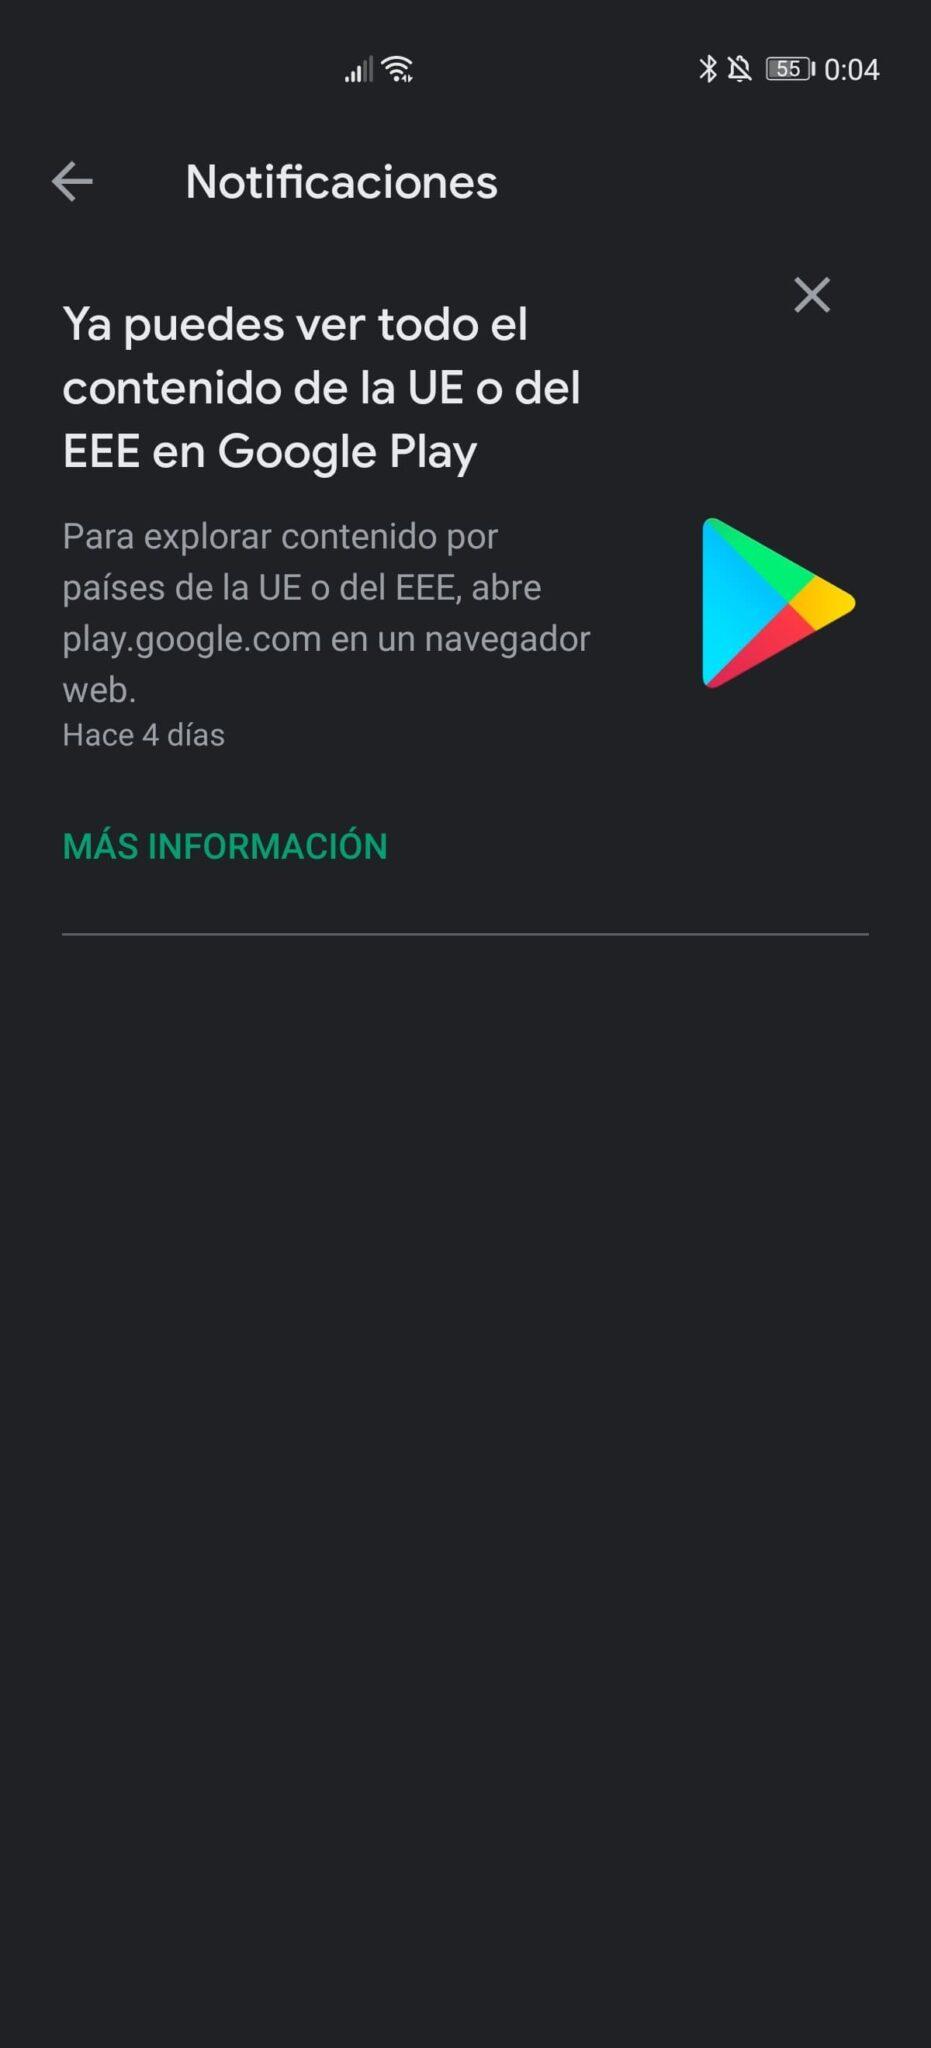 ver-contenido-UE-o-EEE-Google-Play